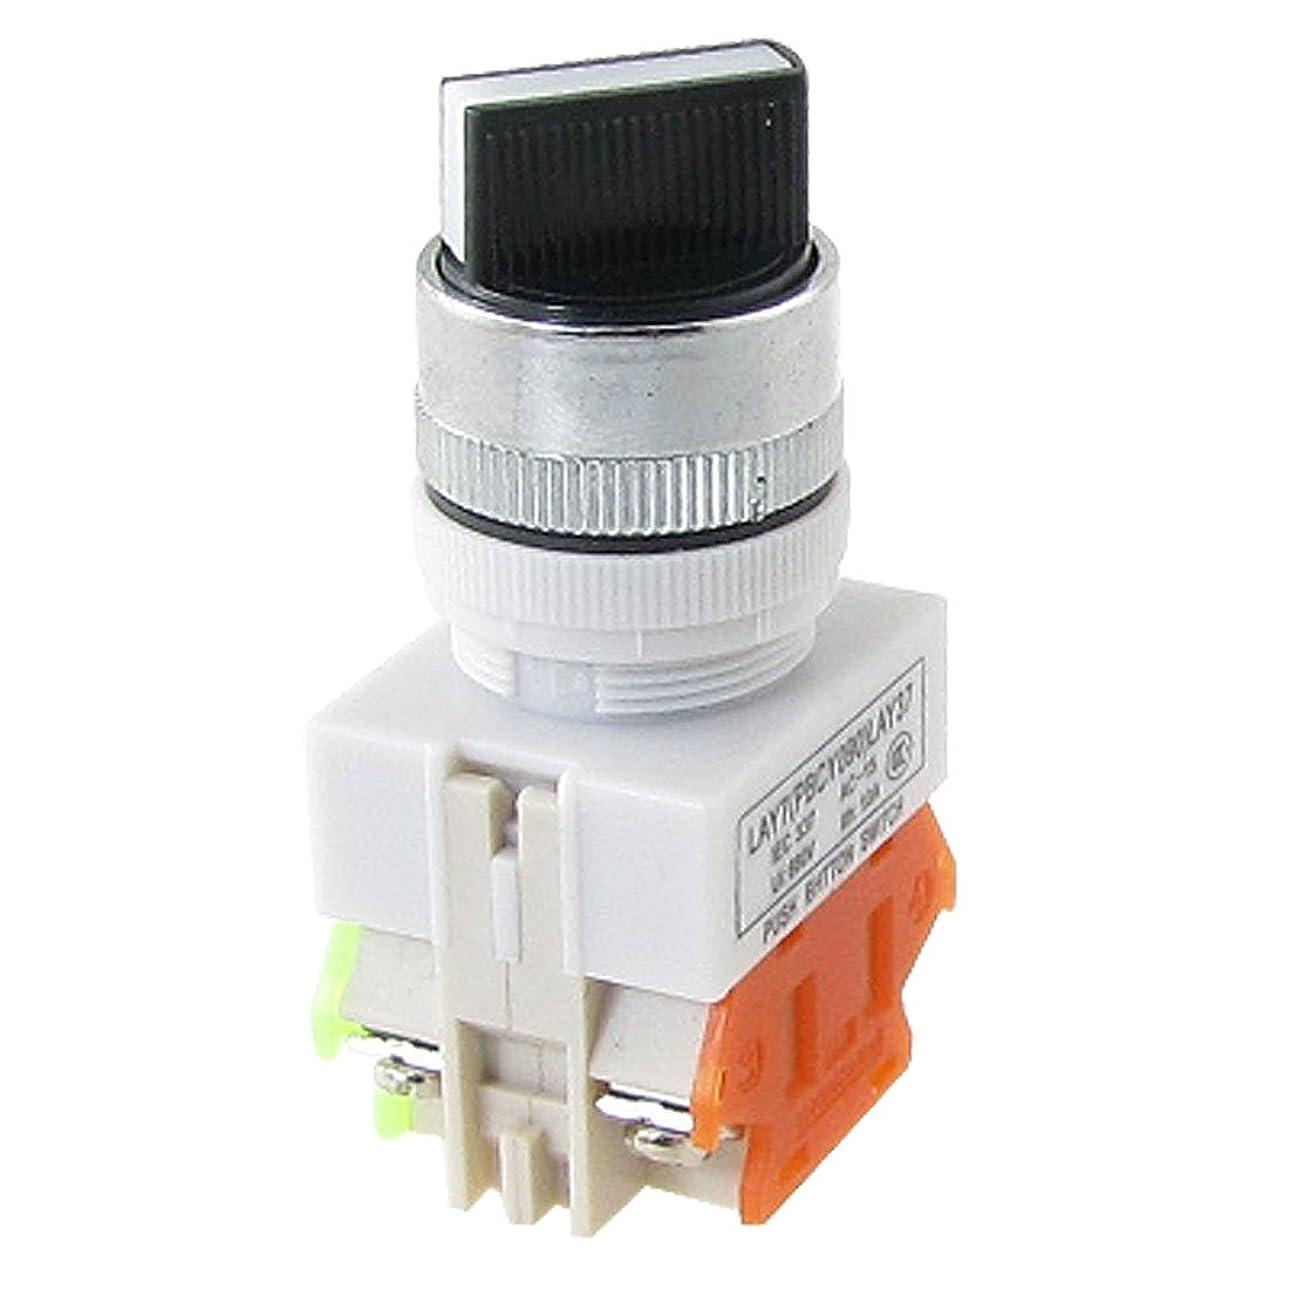 矛盾するボアストライプuxcell ロータリースイッチ 工業セレクター LAY37 Ui660V 2ポジション